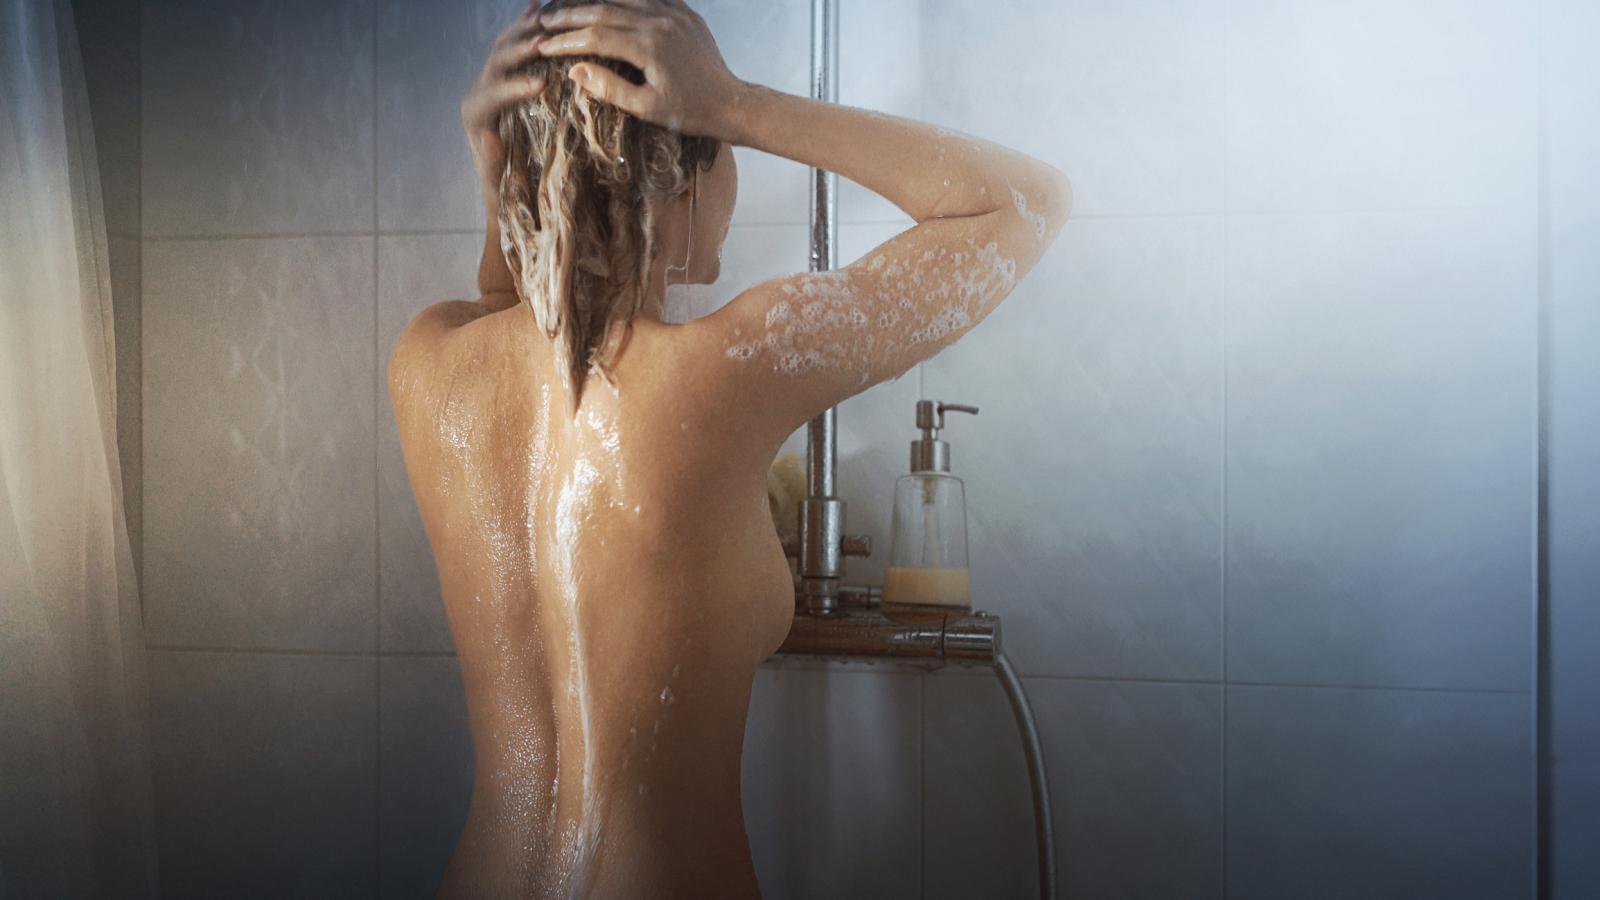 Hladna voda ne samo da će vas razbuditi već će vas osloboditi stresa i popraviti vam raspoloženje.